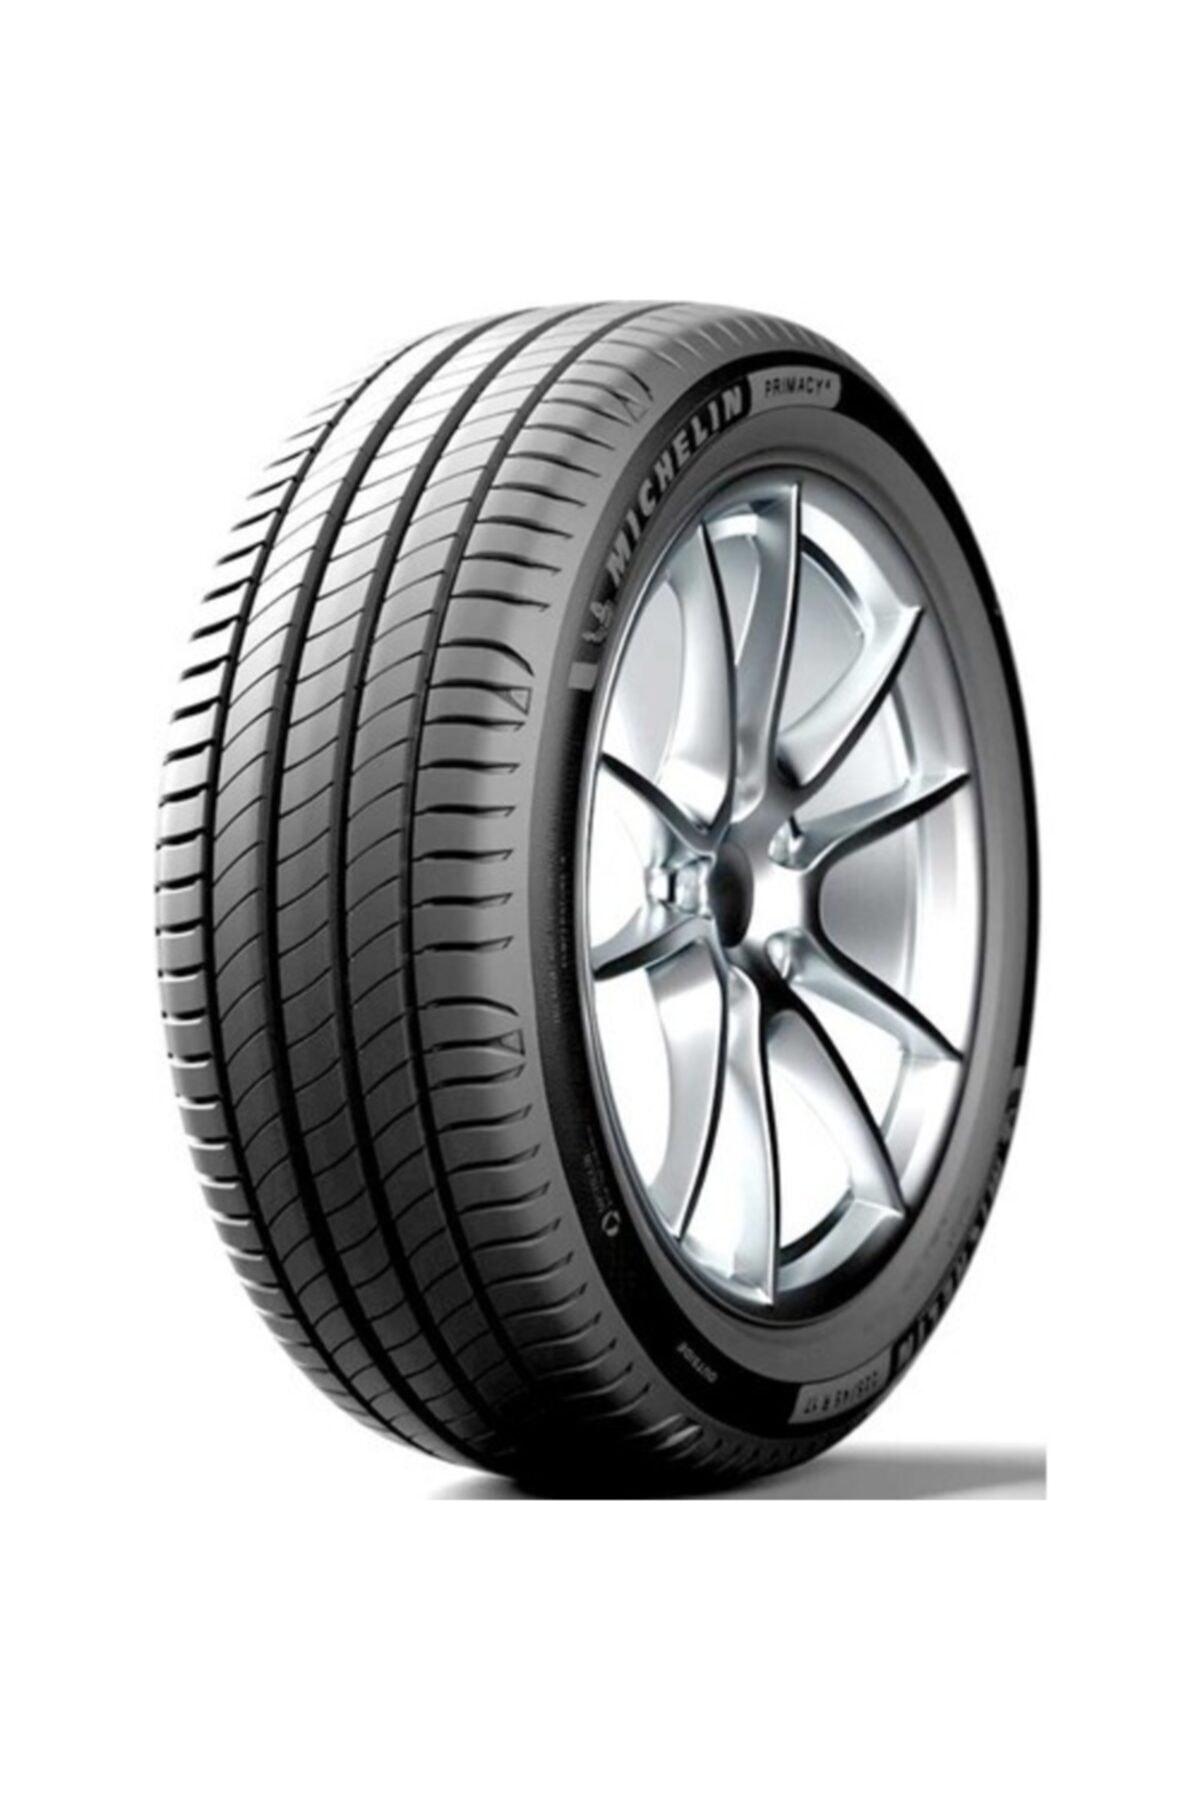 Michelin Mıchelın 205/55r16 91h Prımacy4 Yaz Lastiği 2021 Üretim 2